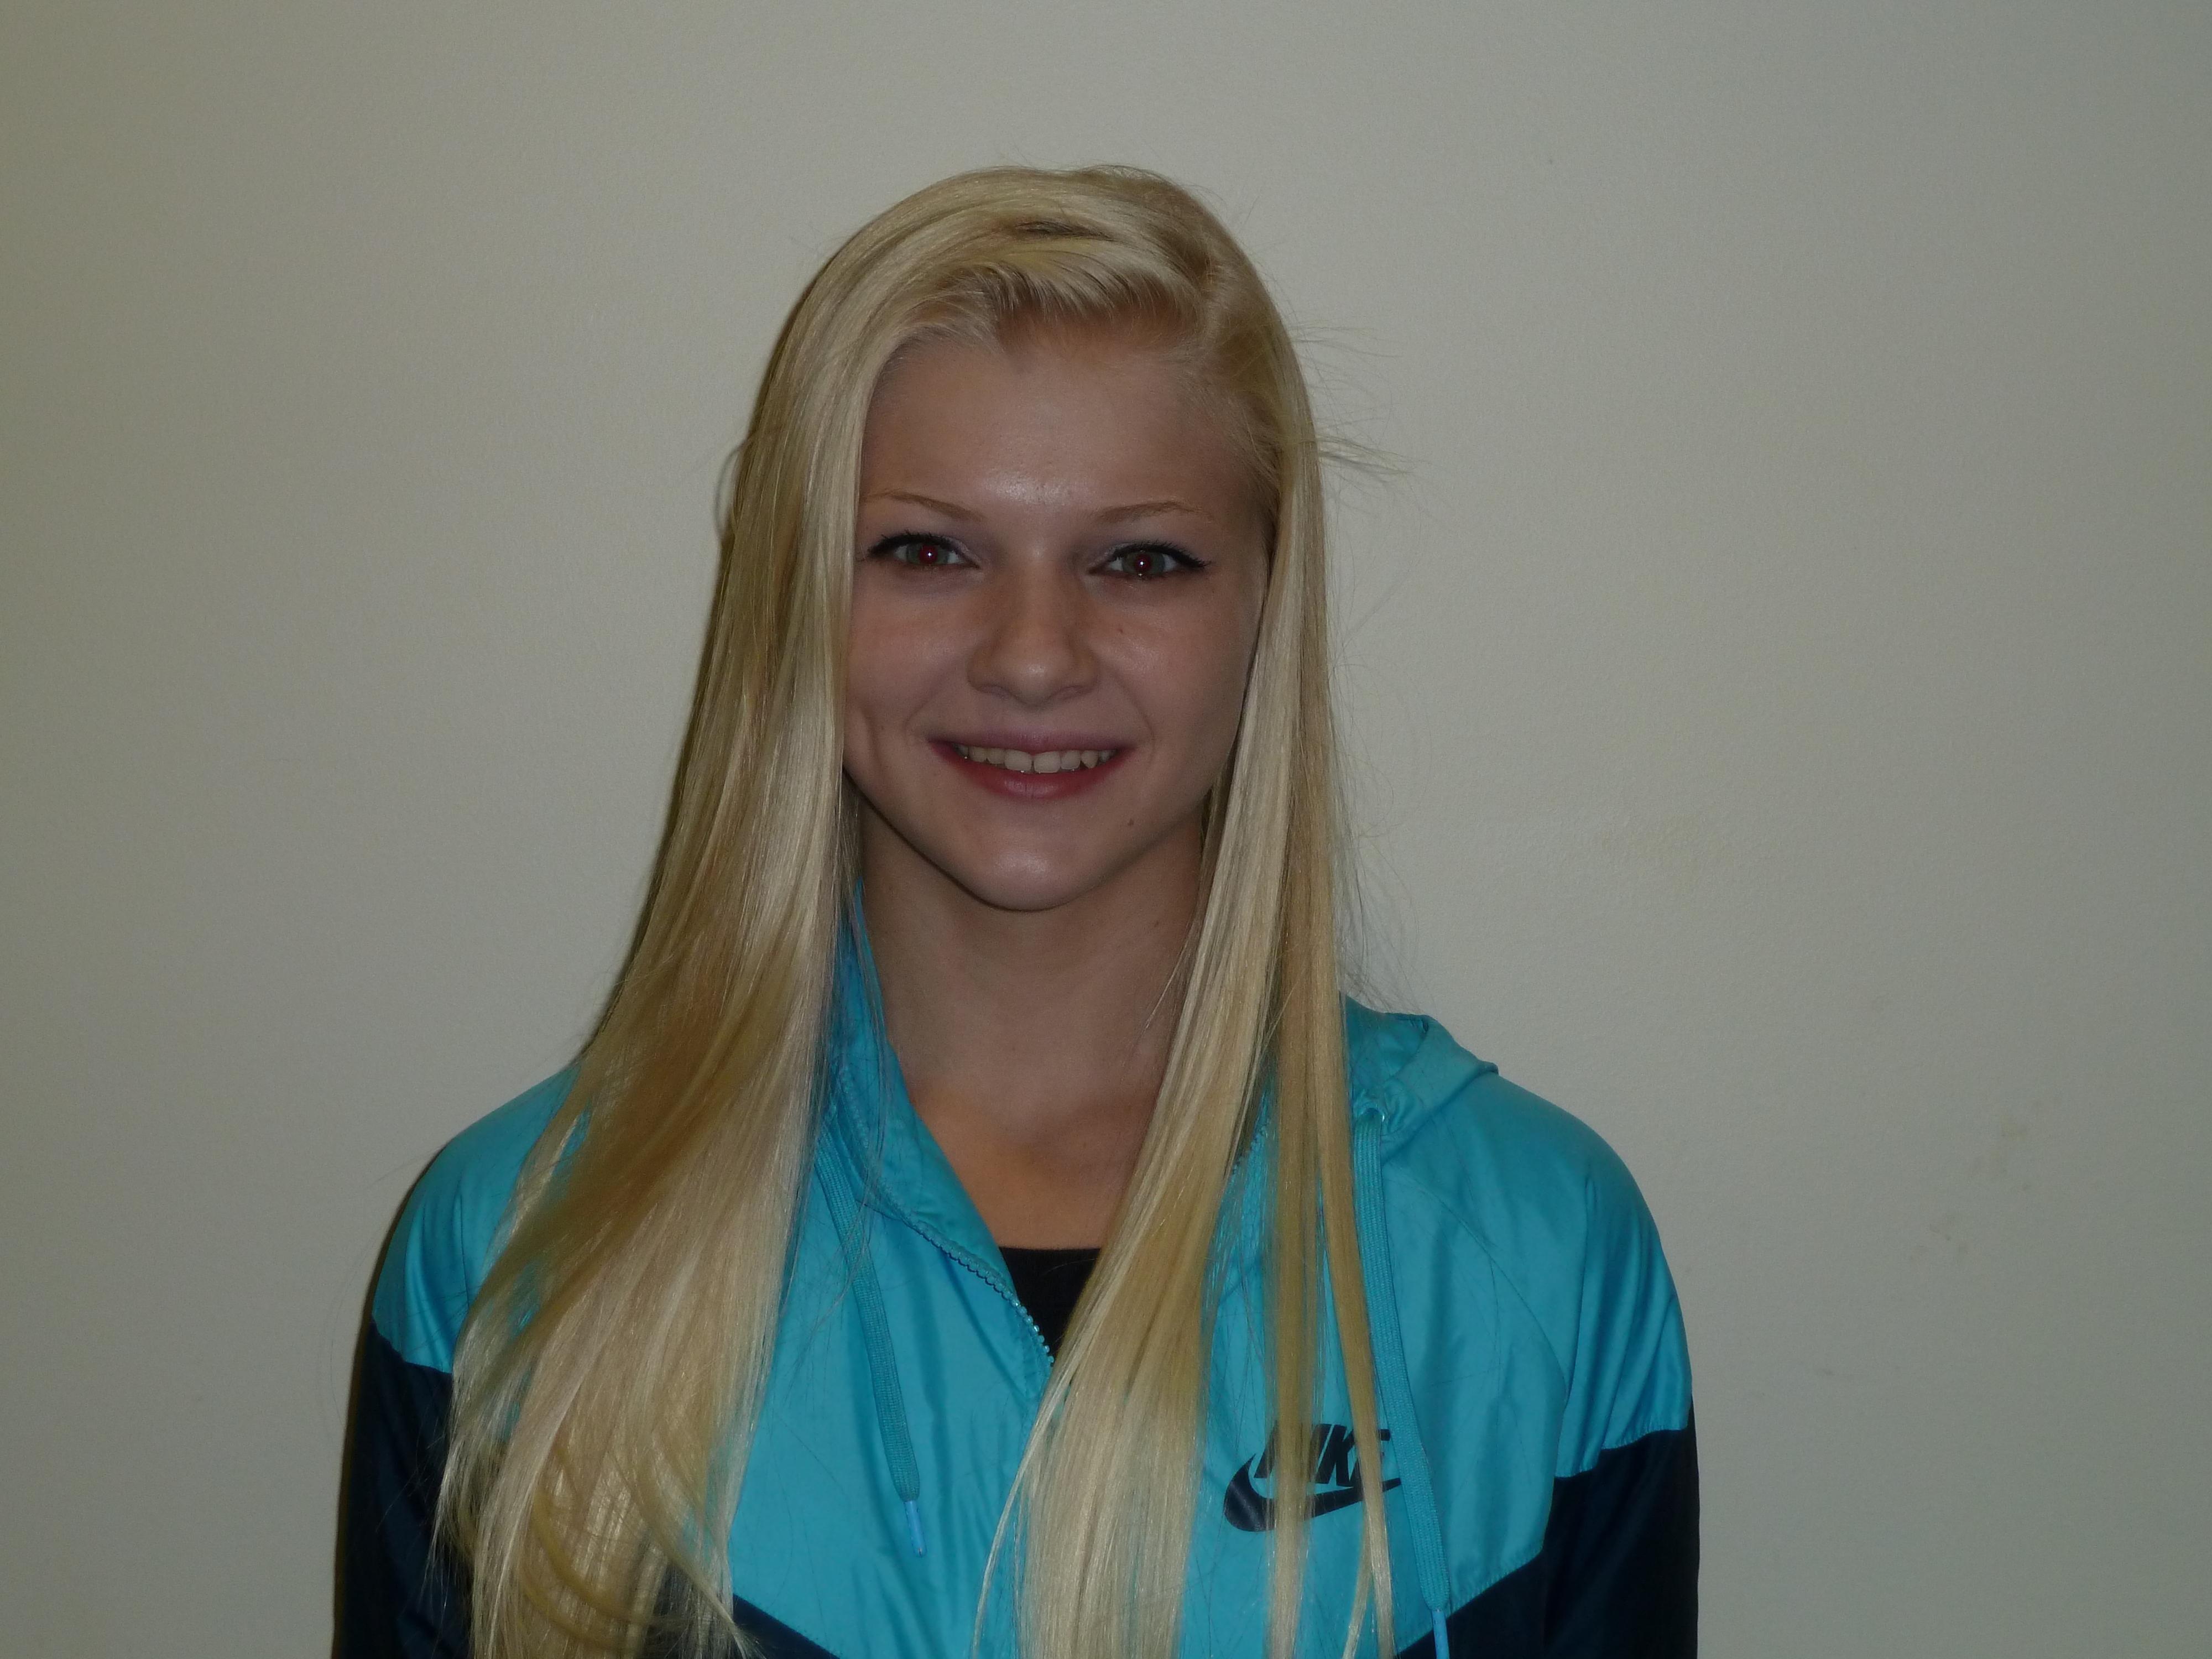 Madison Willhoft